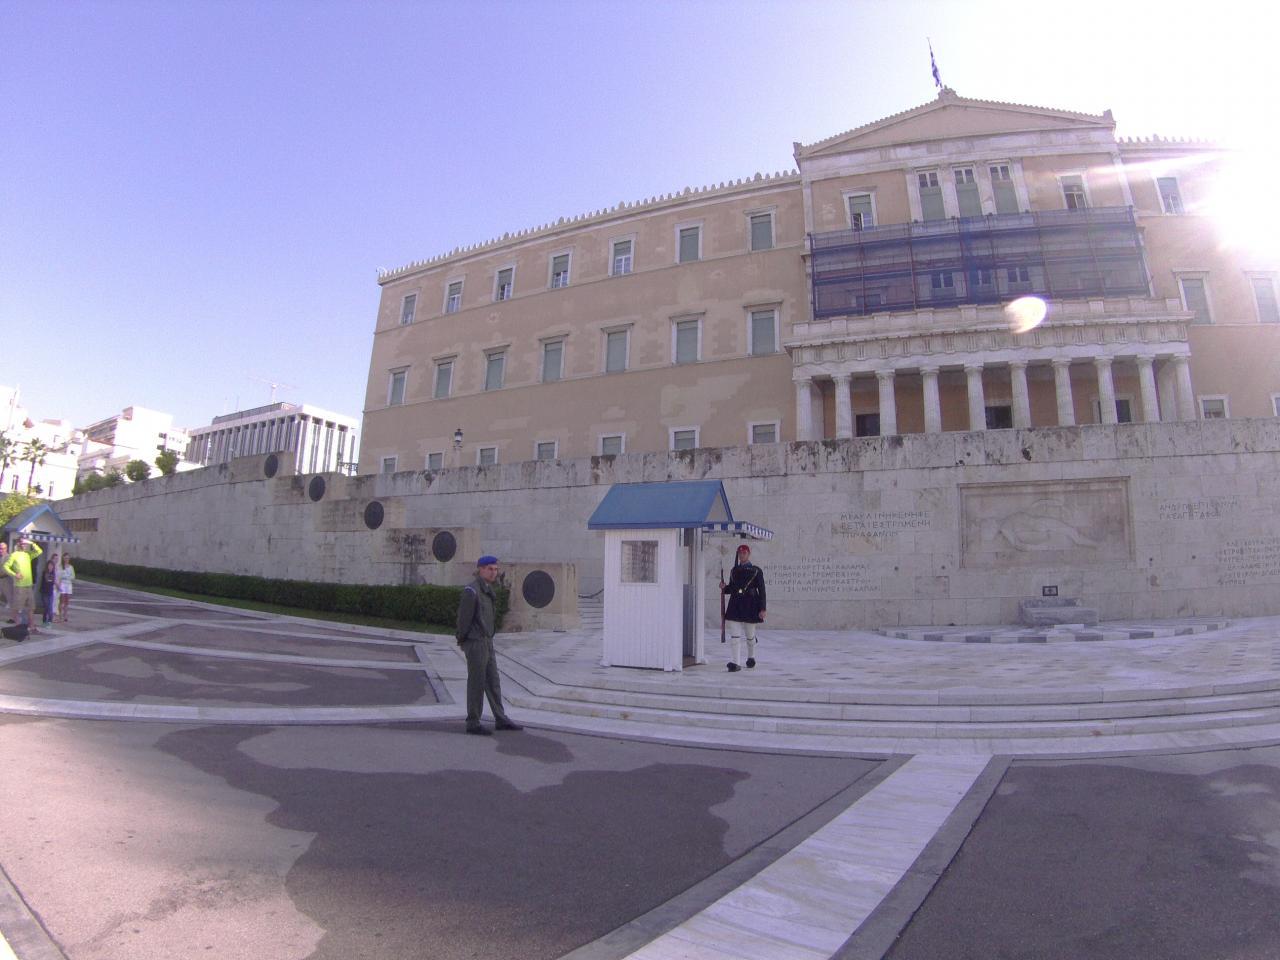 les gardiens du parlement grec 10 11 14. Black Bedroom Furniture Sets. Home Design Ideas